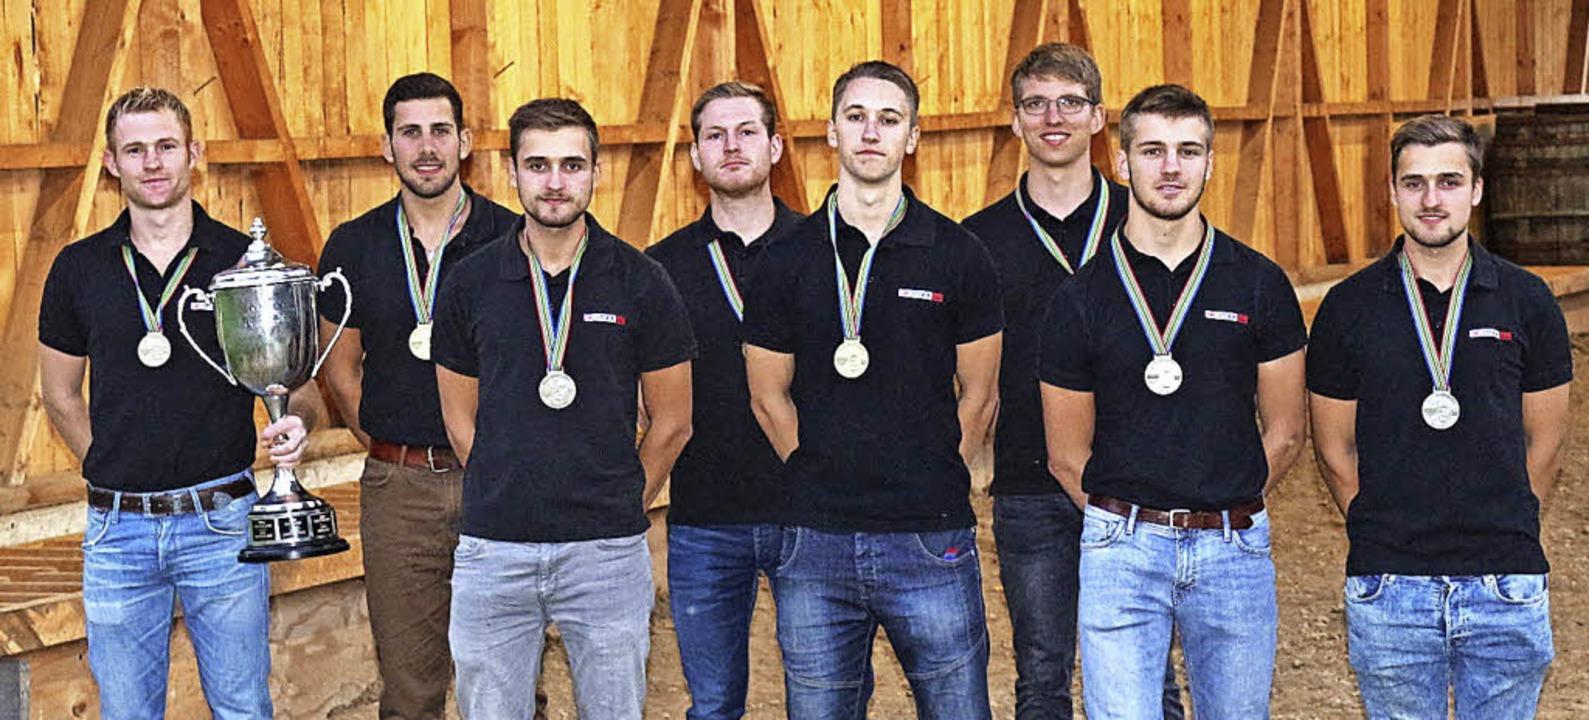 Die erfolgreichen WM-Teilnehmer vom Ta...alentin Fehrenbach, Michael Schindler.  | Foto: Fotos: Karin Heiss